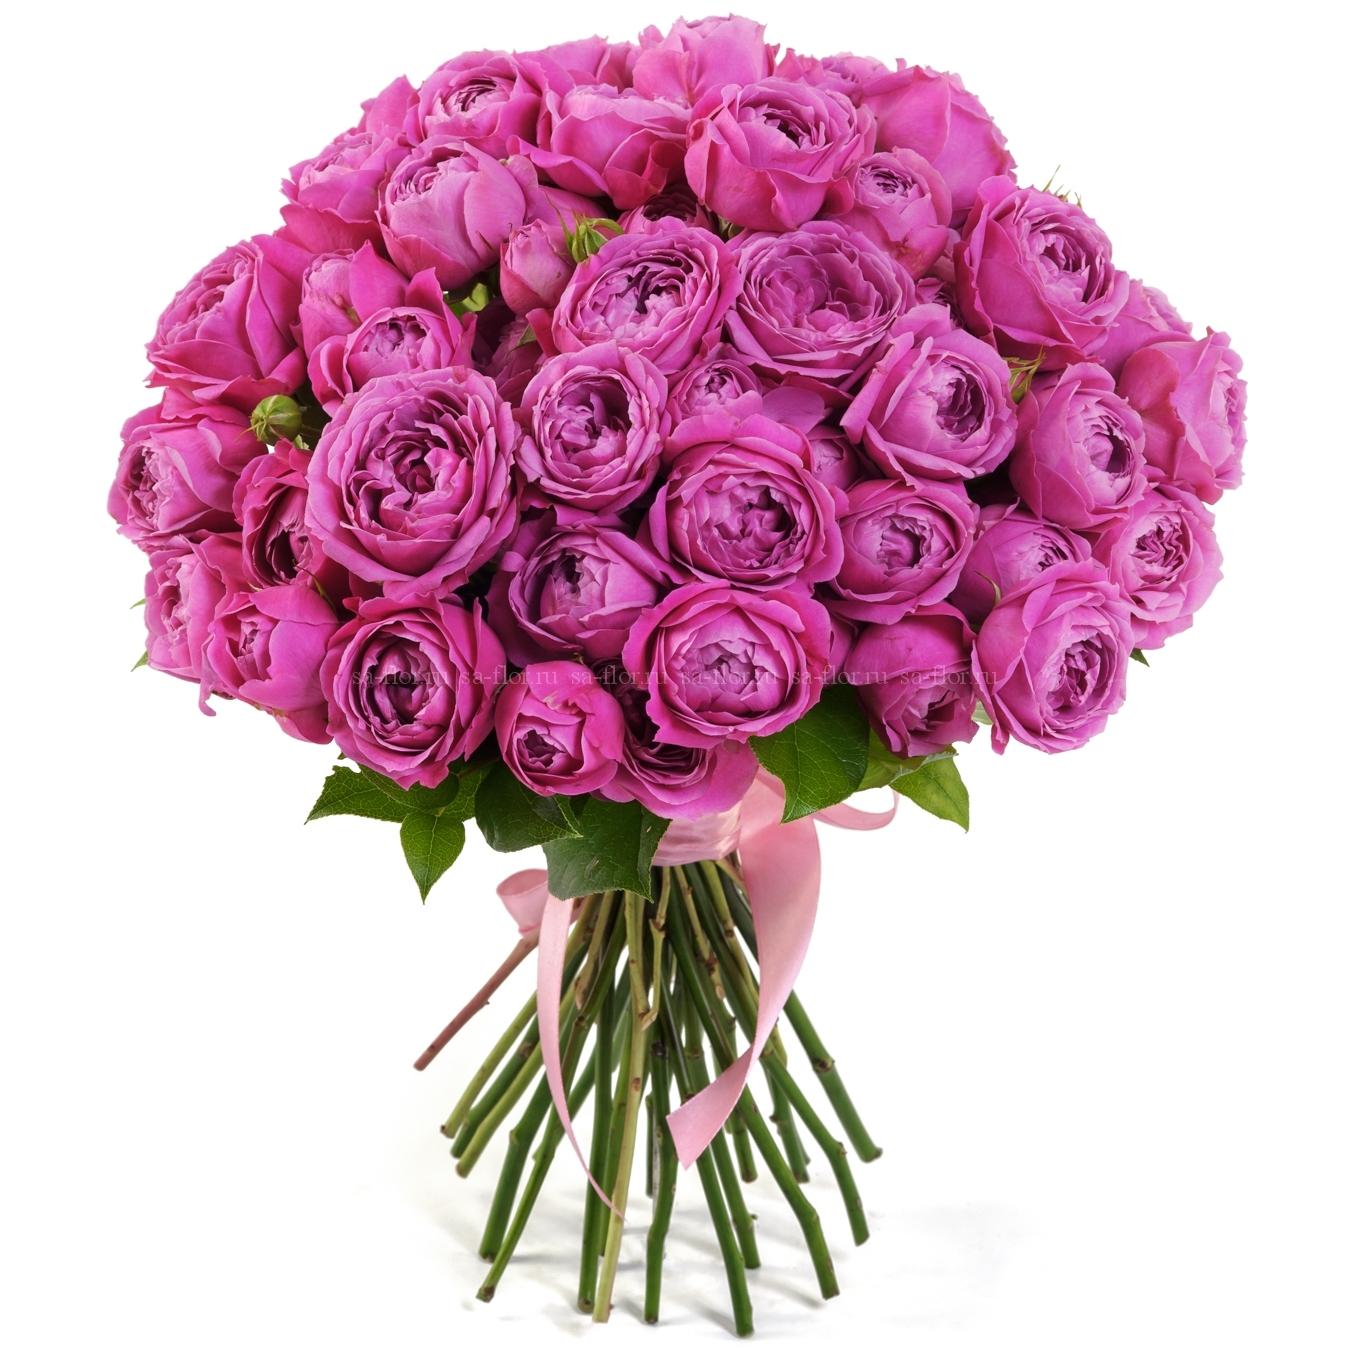 розовые розы фото букеты красивые по-настоящему райский остров